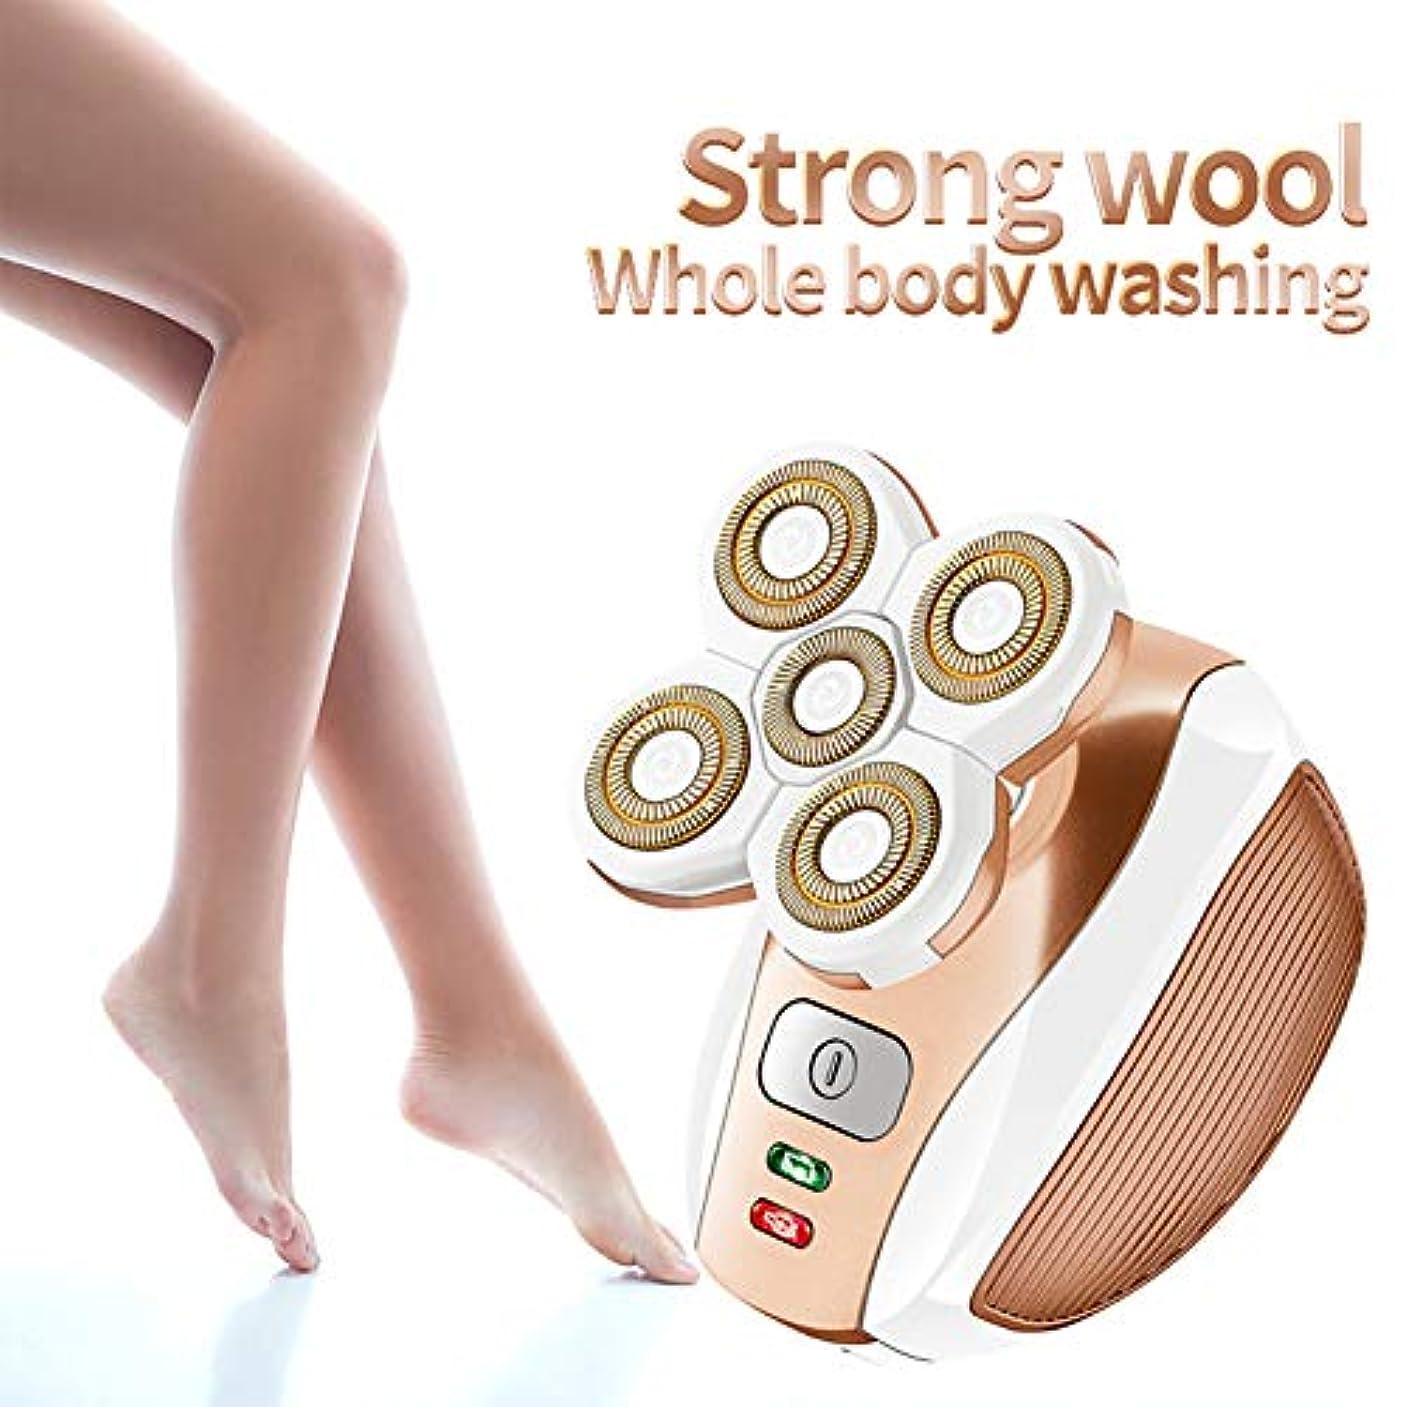 アスペクトクランプ肘5頭の痛みのない電気脱毛器 乾湿 女性シェーバー 女性の体の女性の脱毛トリマー脱毛器 顔のために、 ビキニ、 ボディ、脚、脇の下、USB充電